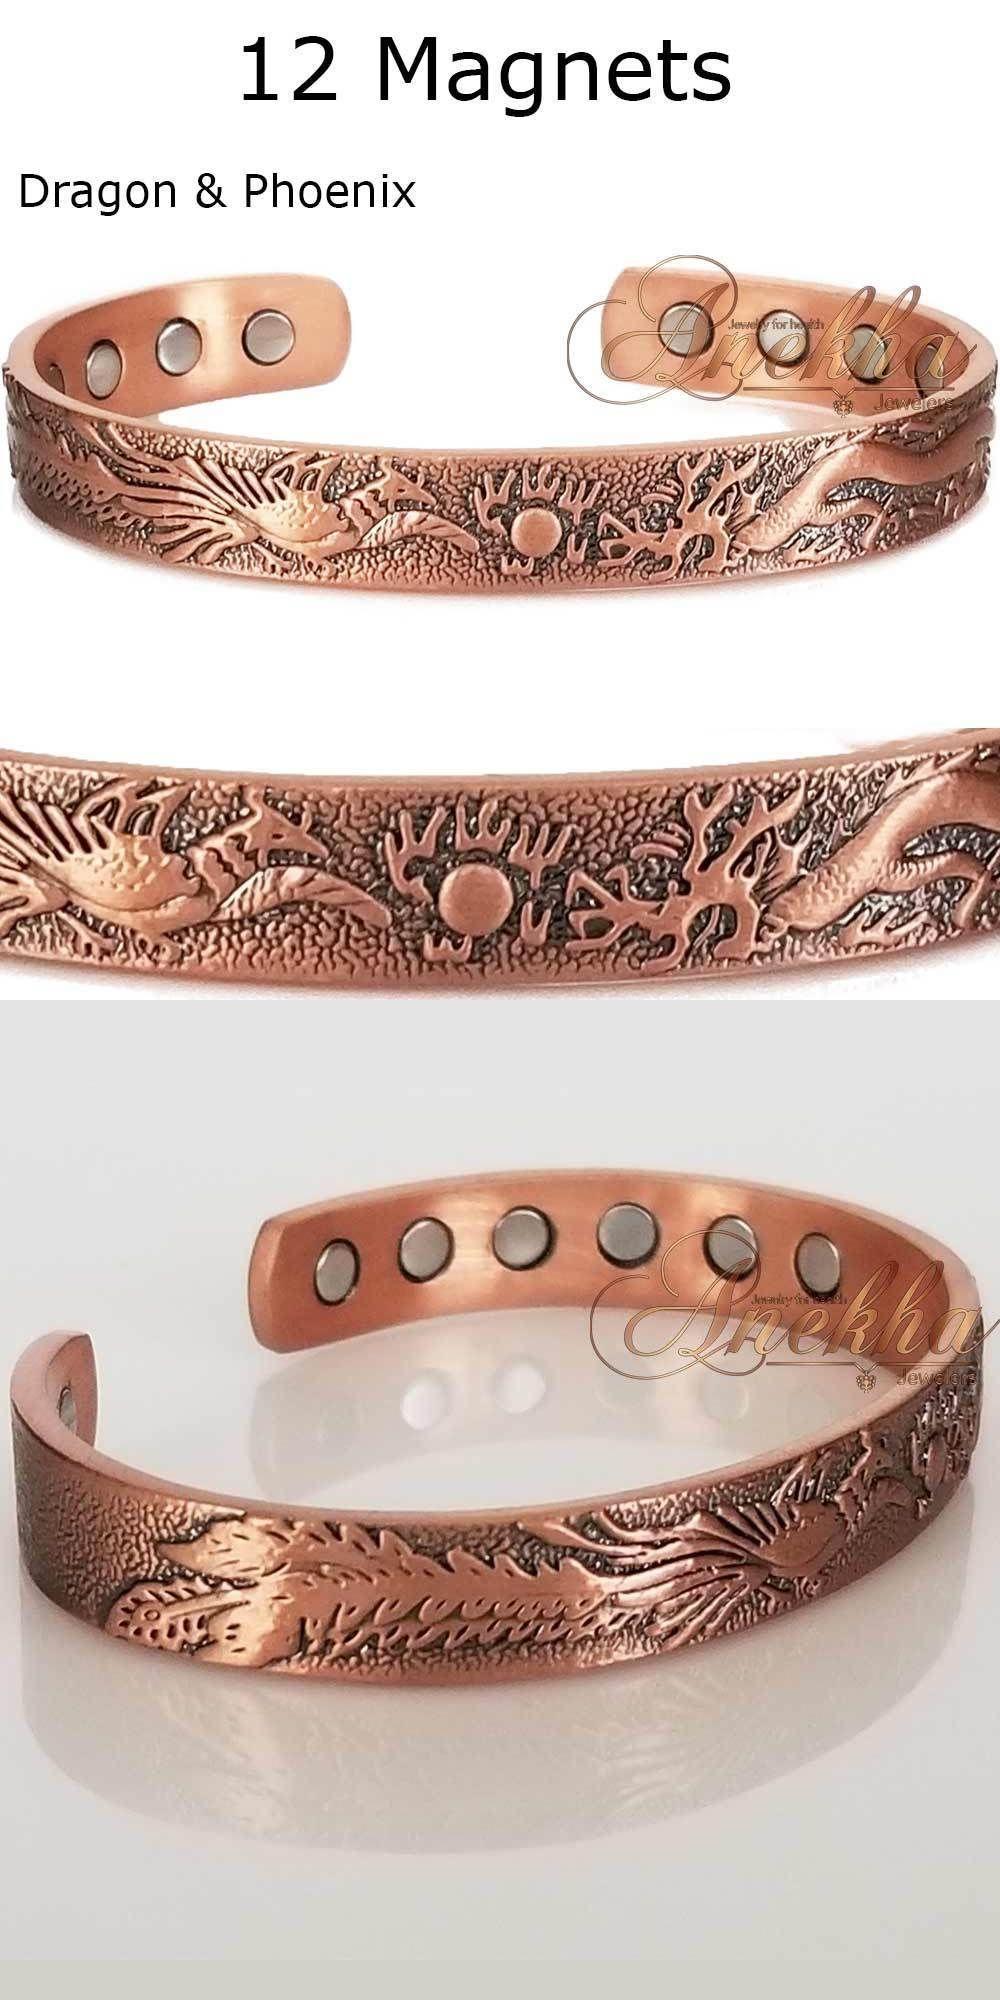 Cubio x magnetic pure copper phoenix dragon banglebracelet men